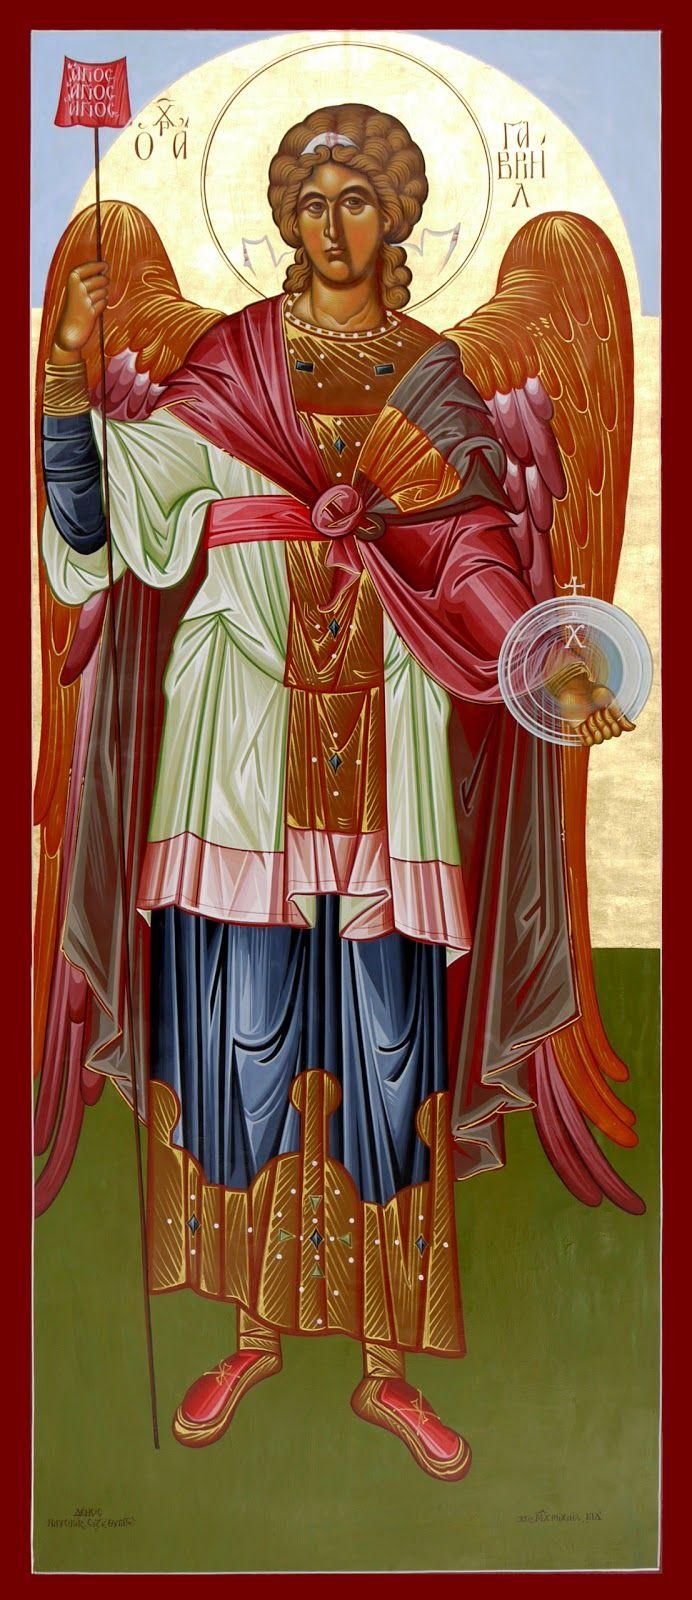 Αρχάγγελος Γαβριήλ , Archangel Gabriel, Архангел Гавриил